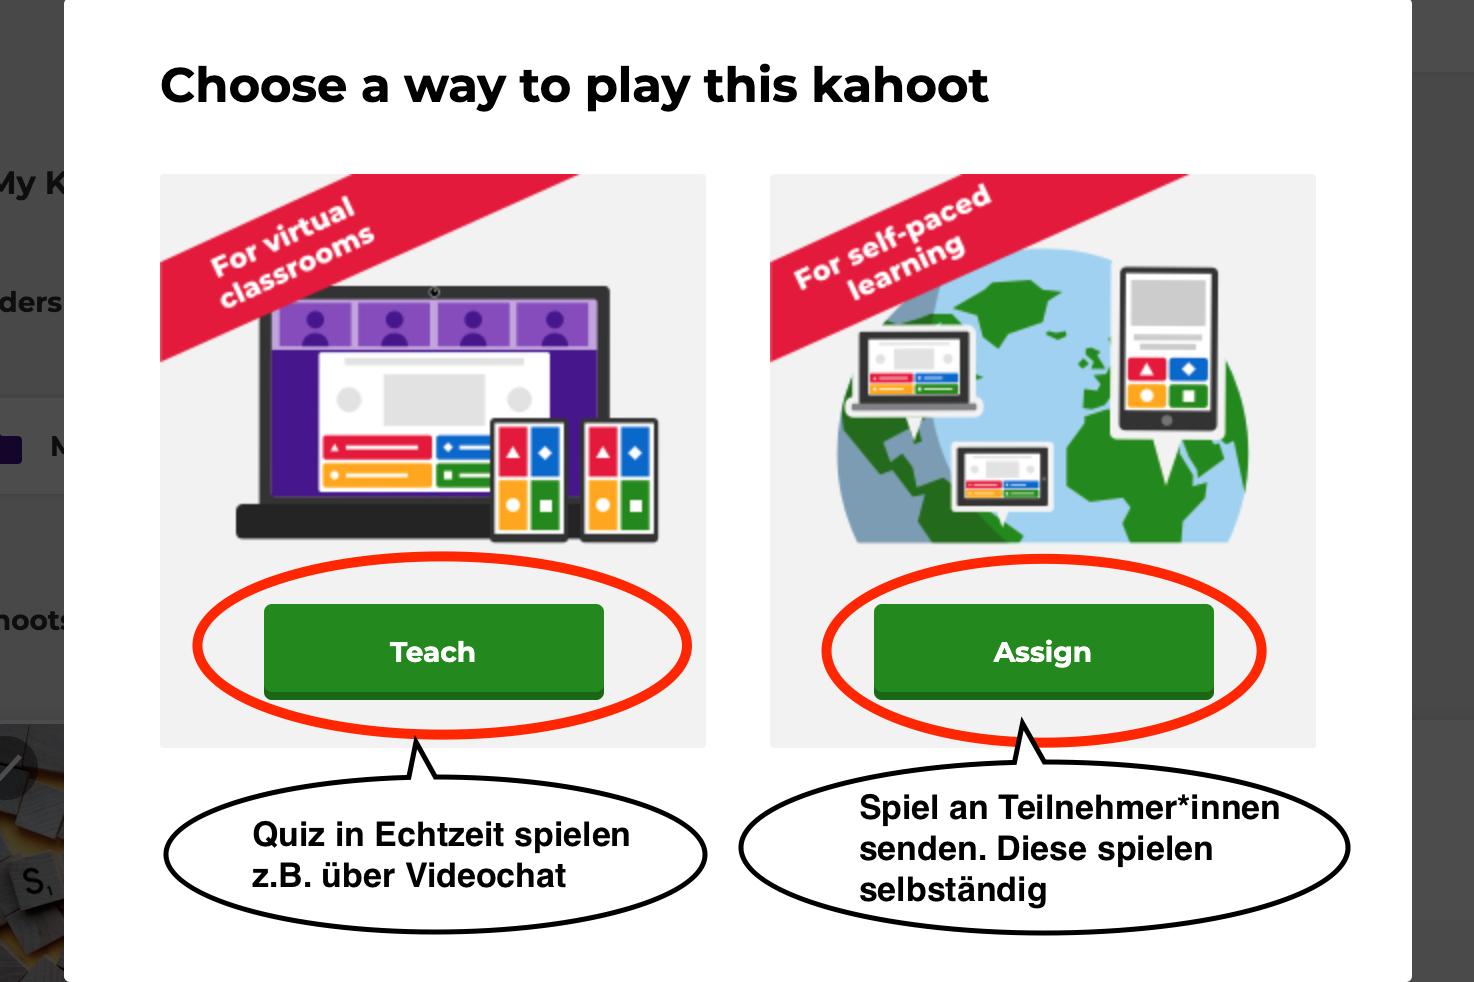 Nach einem Klick auf Play kann zwischen einer der zwei Spielvarianten Teach und Assign ausgewählt werden.